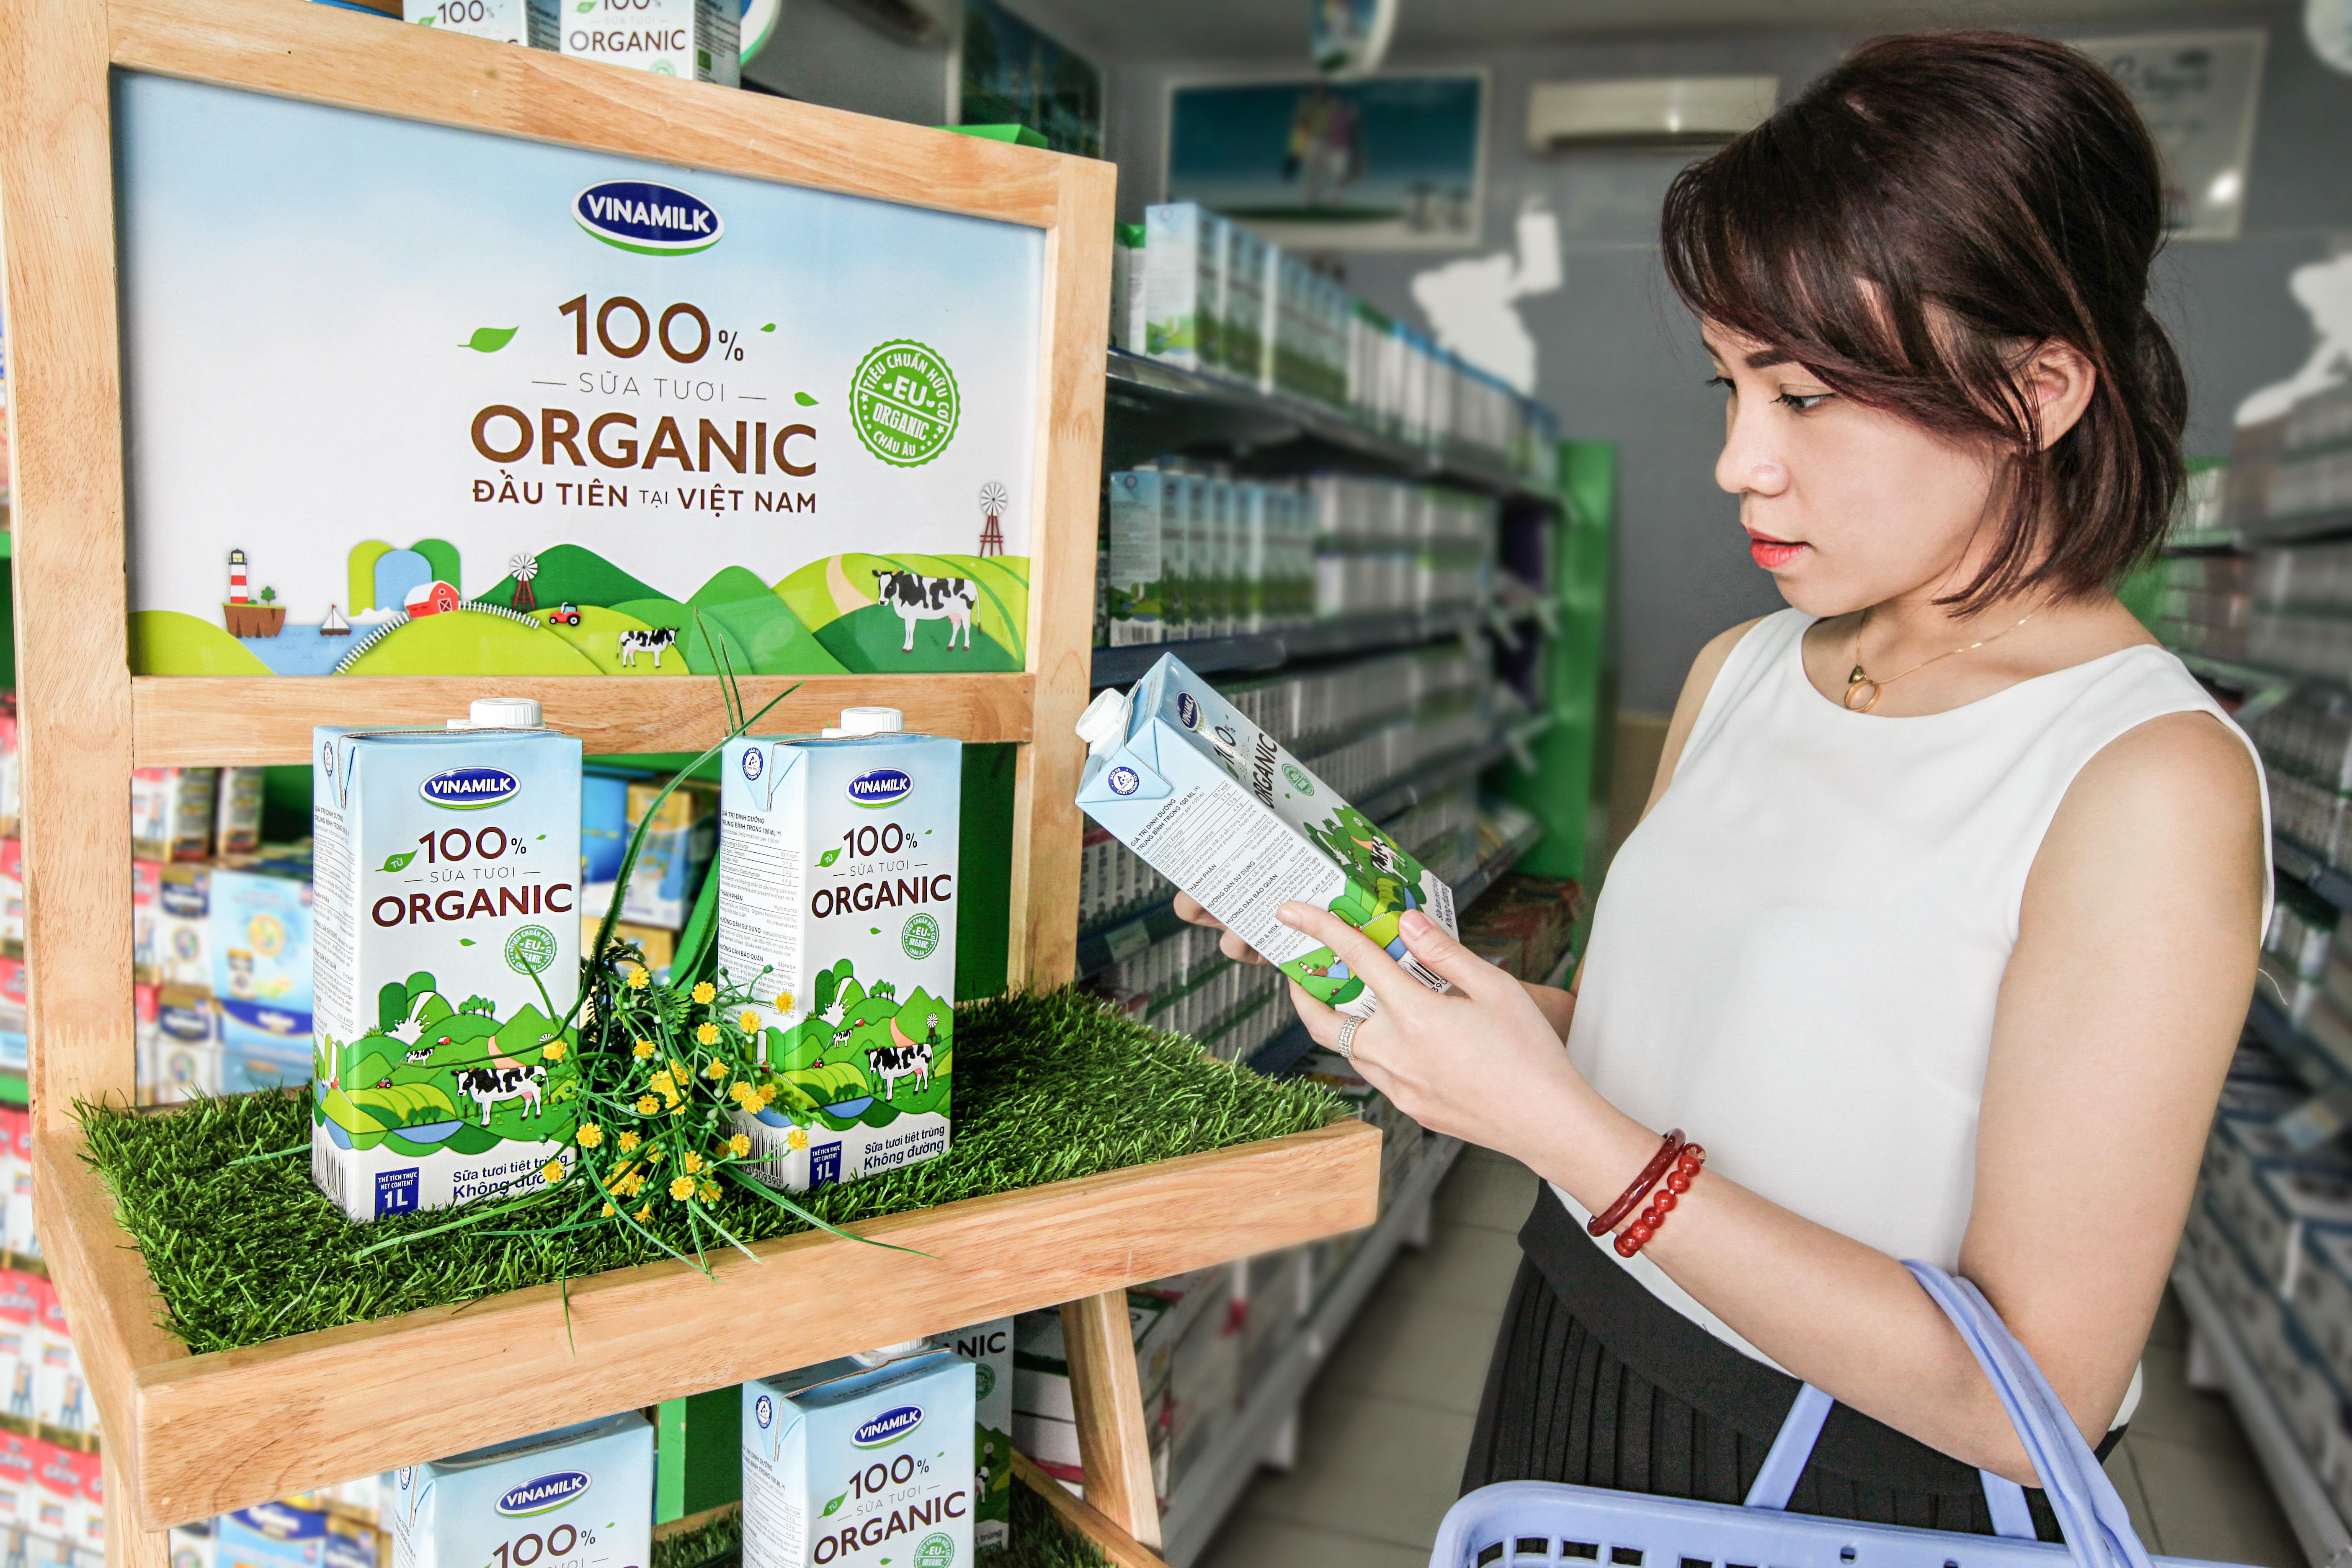 Vinamilk là một trong những thương hiệu luôn dành được sự quan tâm của người tiêu dùng.